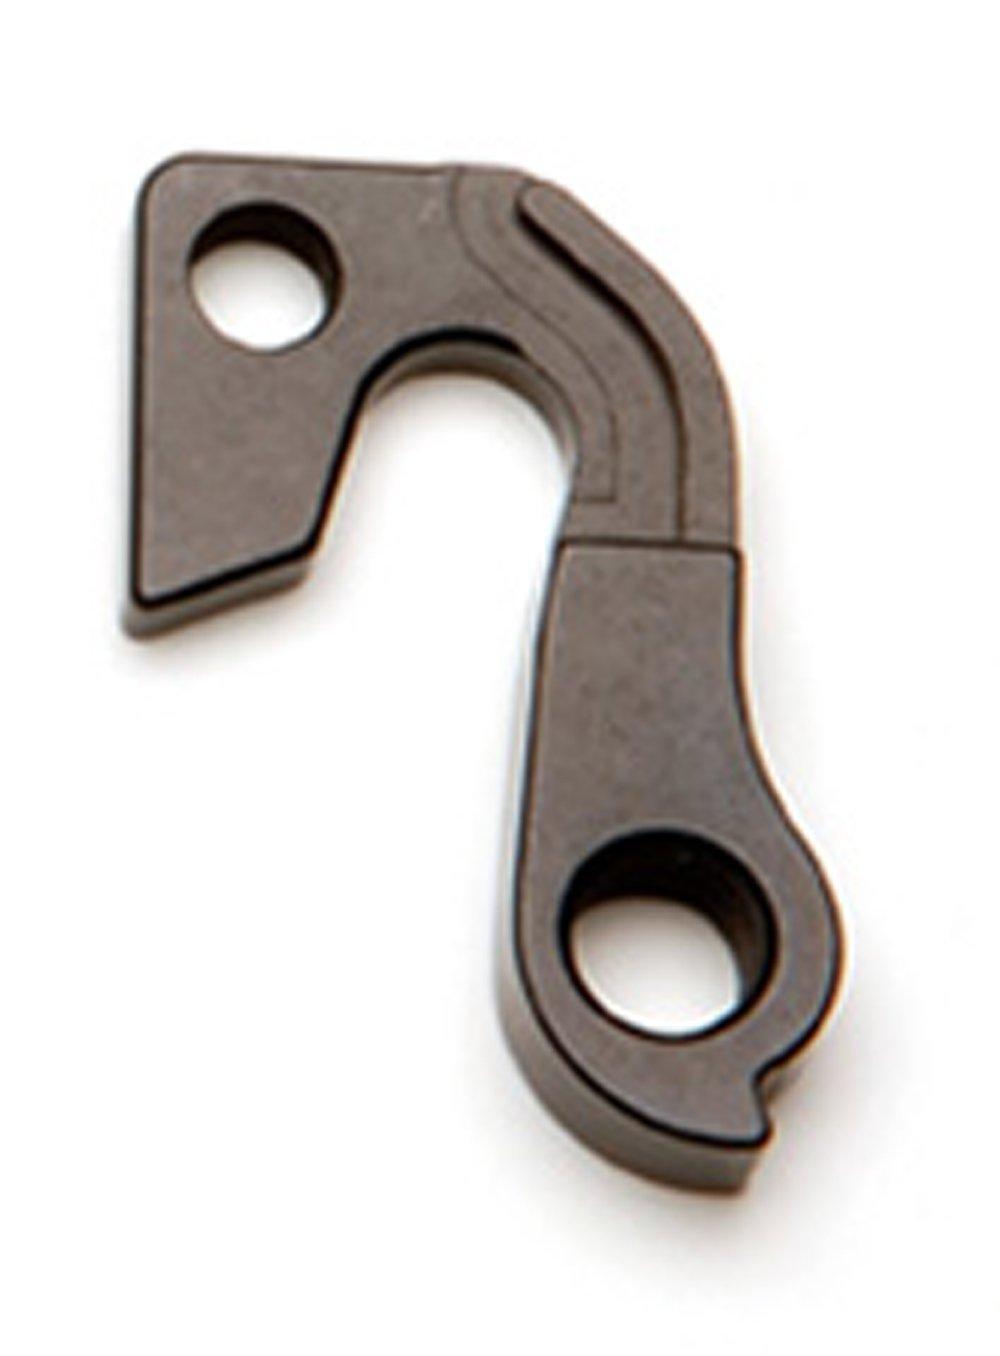 Wheels Manufacturing Dropout-94 Derailleur Hanger by Wheels Manufacturing (Image #1)